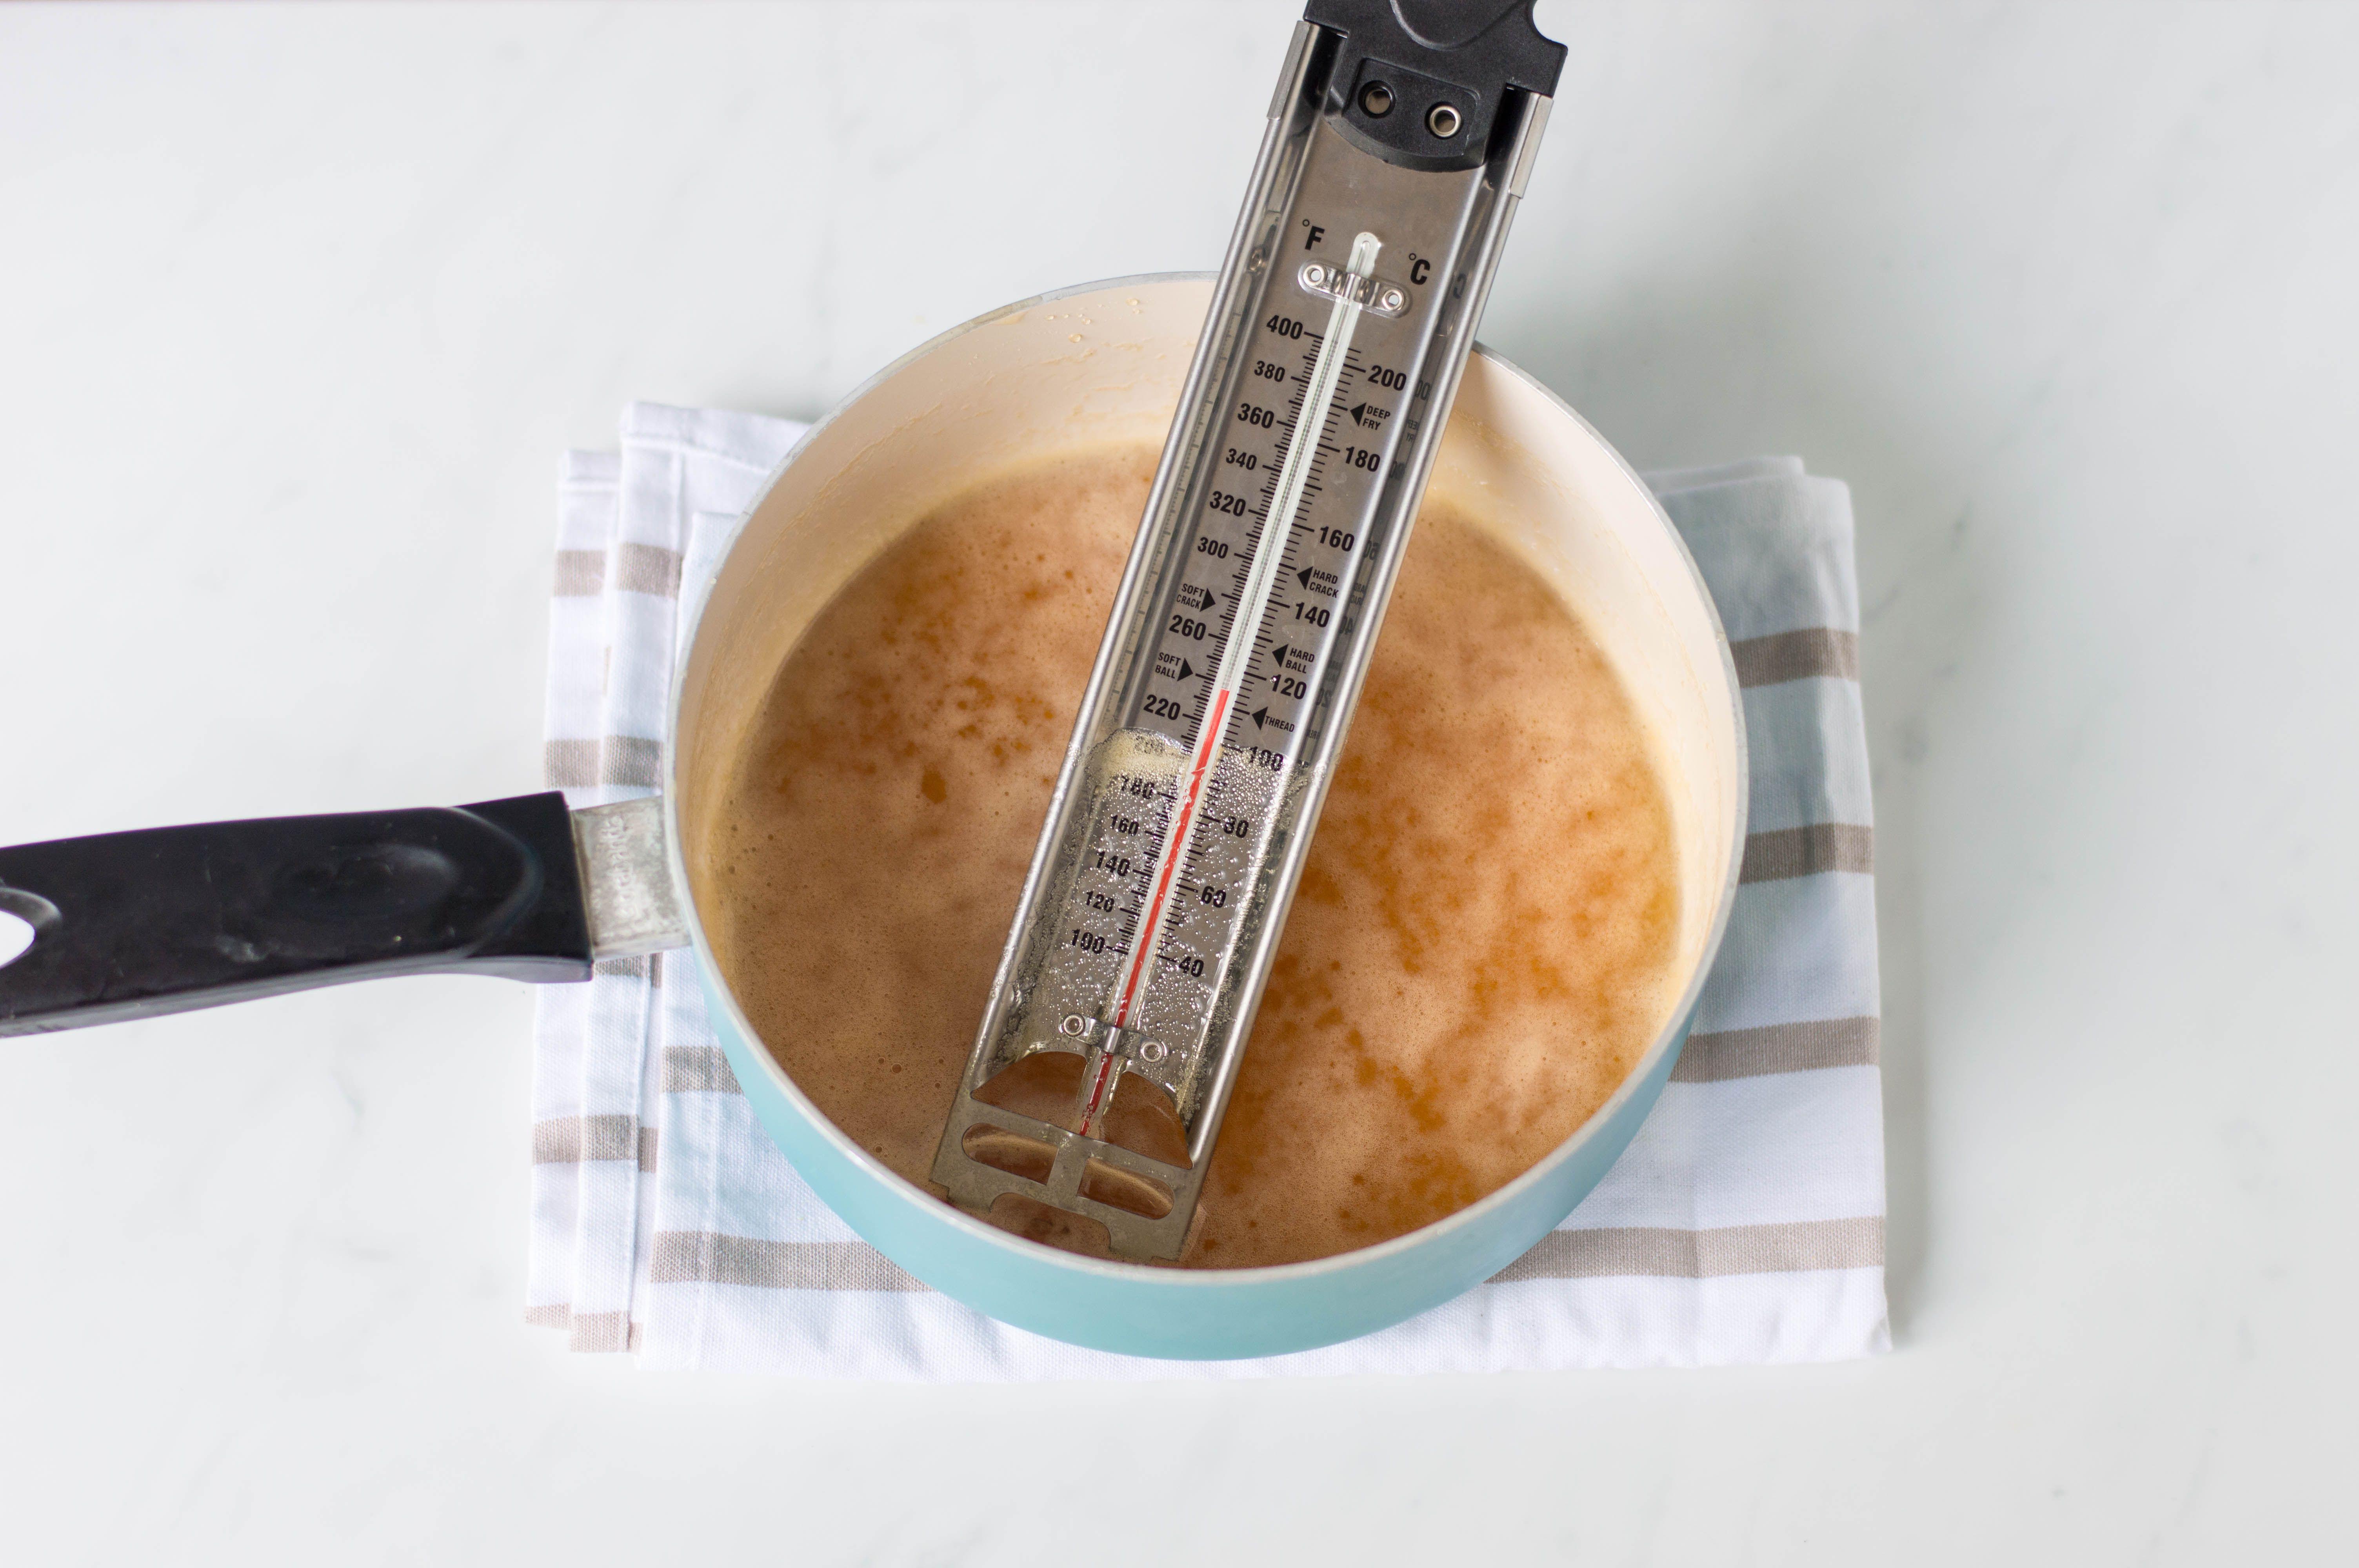 Heating the honey